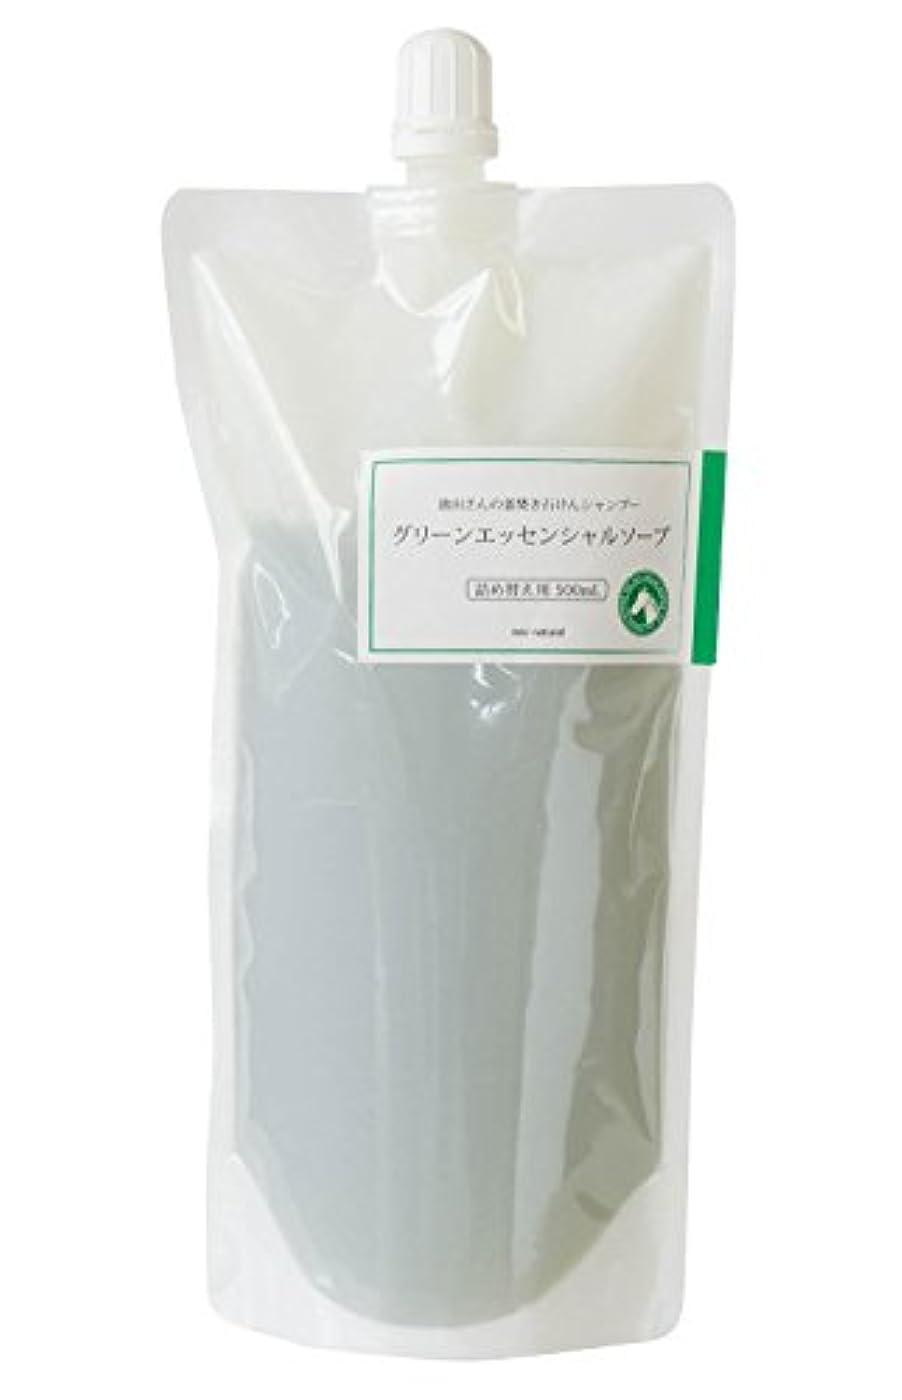 ネオナチュラル グリーンエッセンシャルソープ(詰替用)500ml